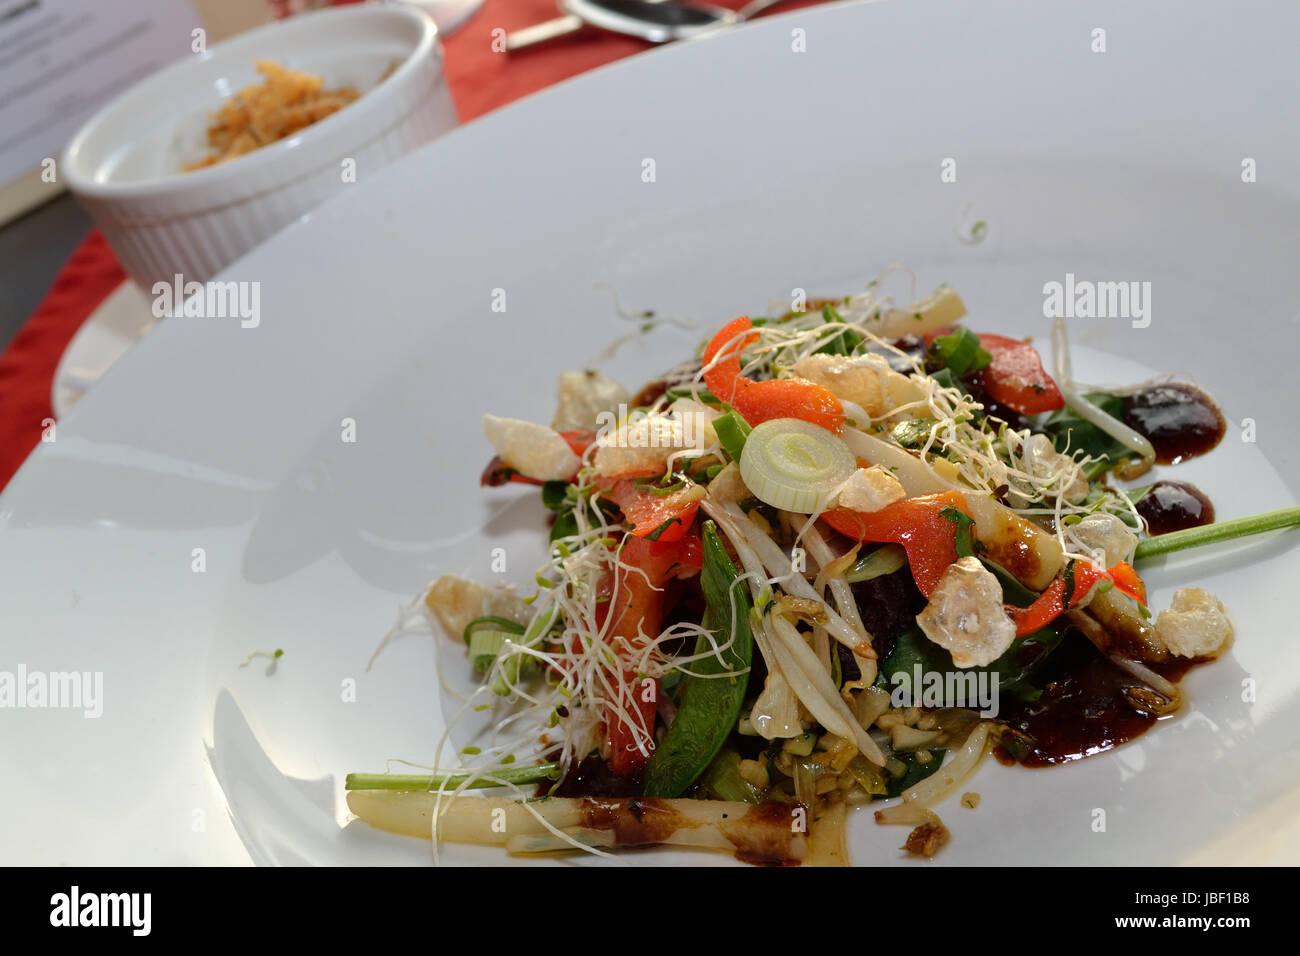 gebratenes Gemuese und thailaendischer Schweinebauch - asiatische Kueche - Stock Image